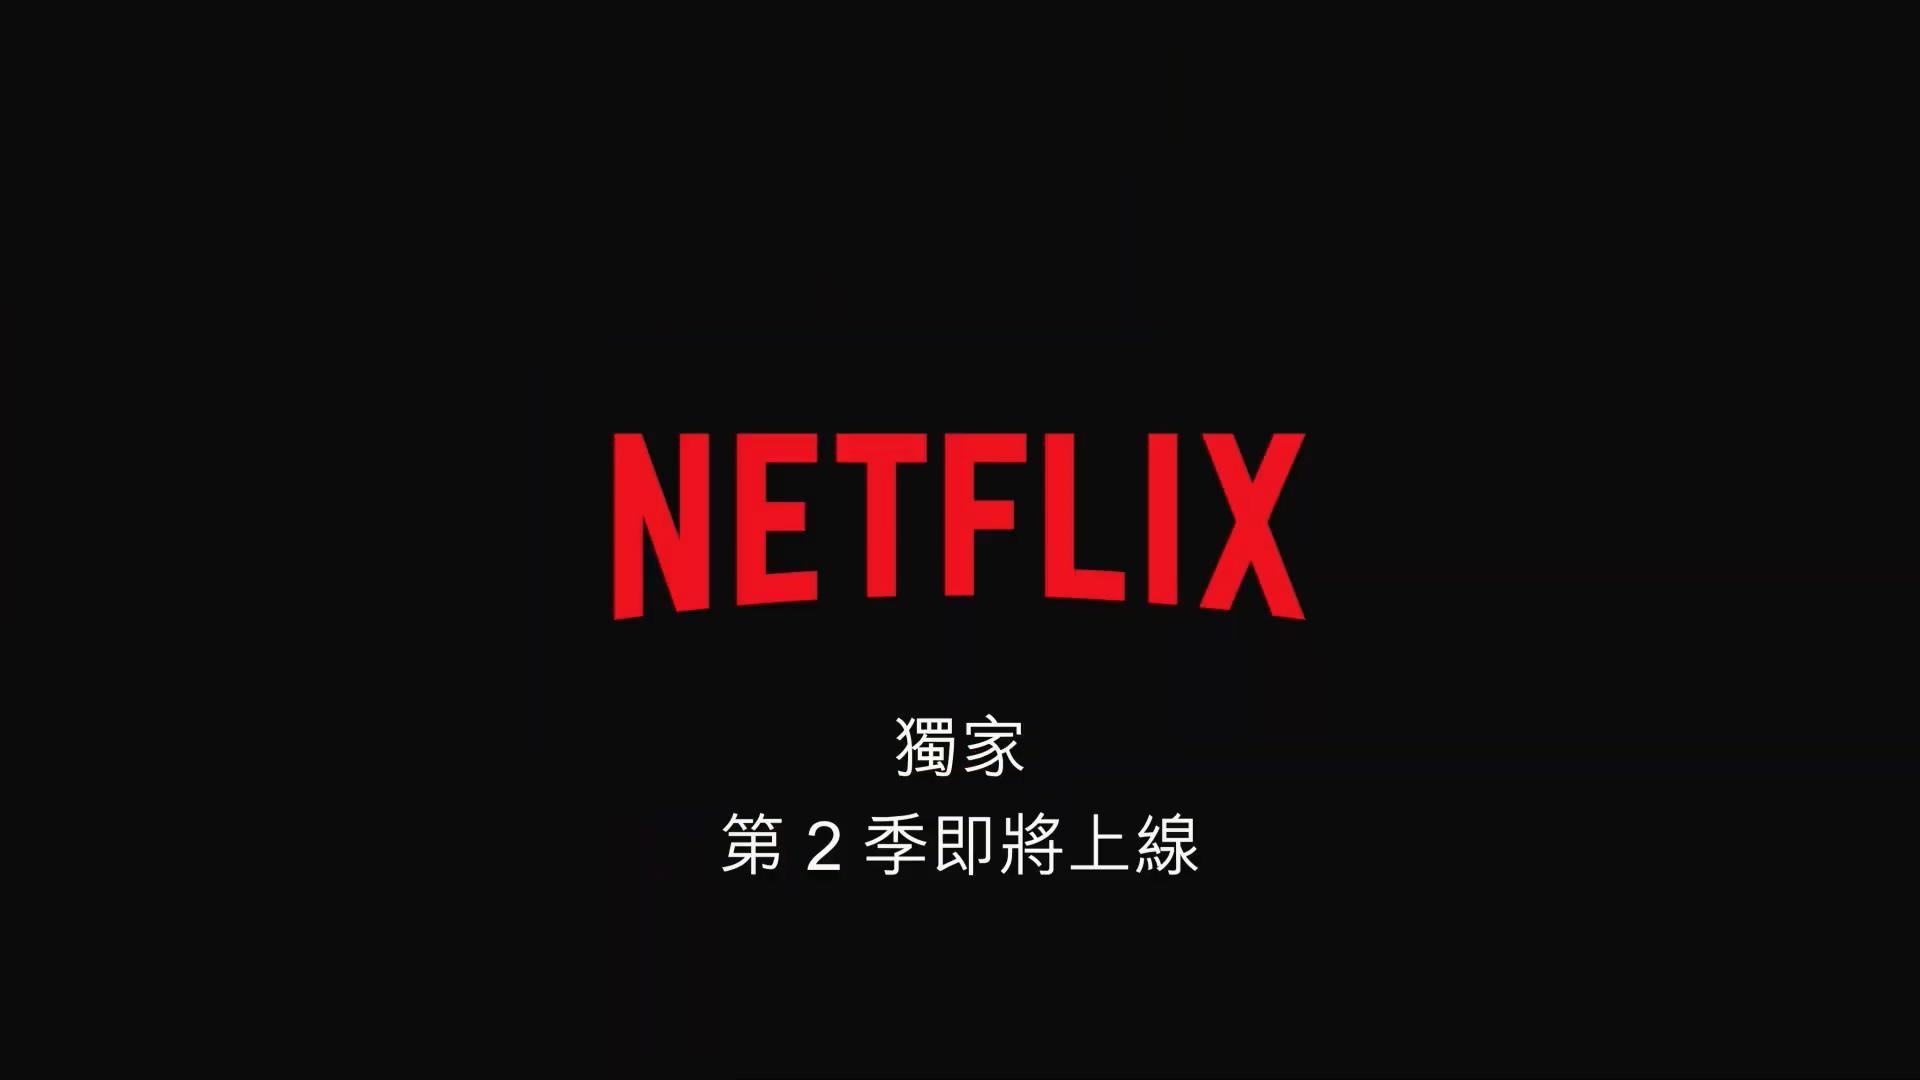 《機動奧特曼》第二季先行中文預告 Netflix獨家播映